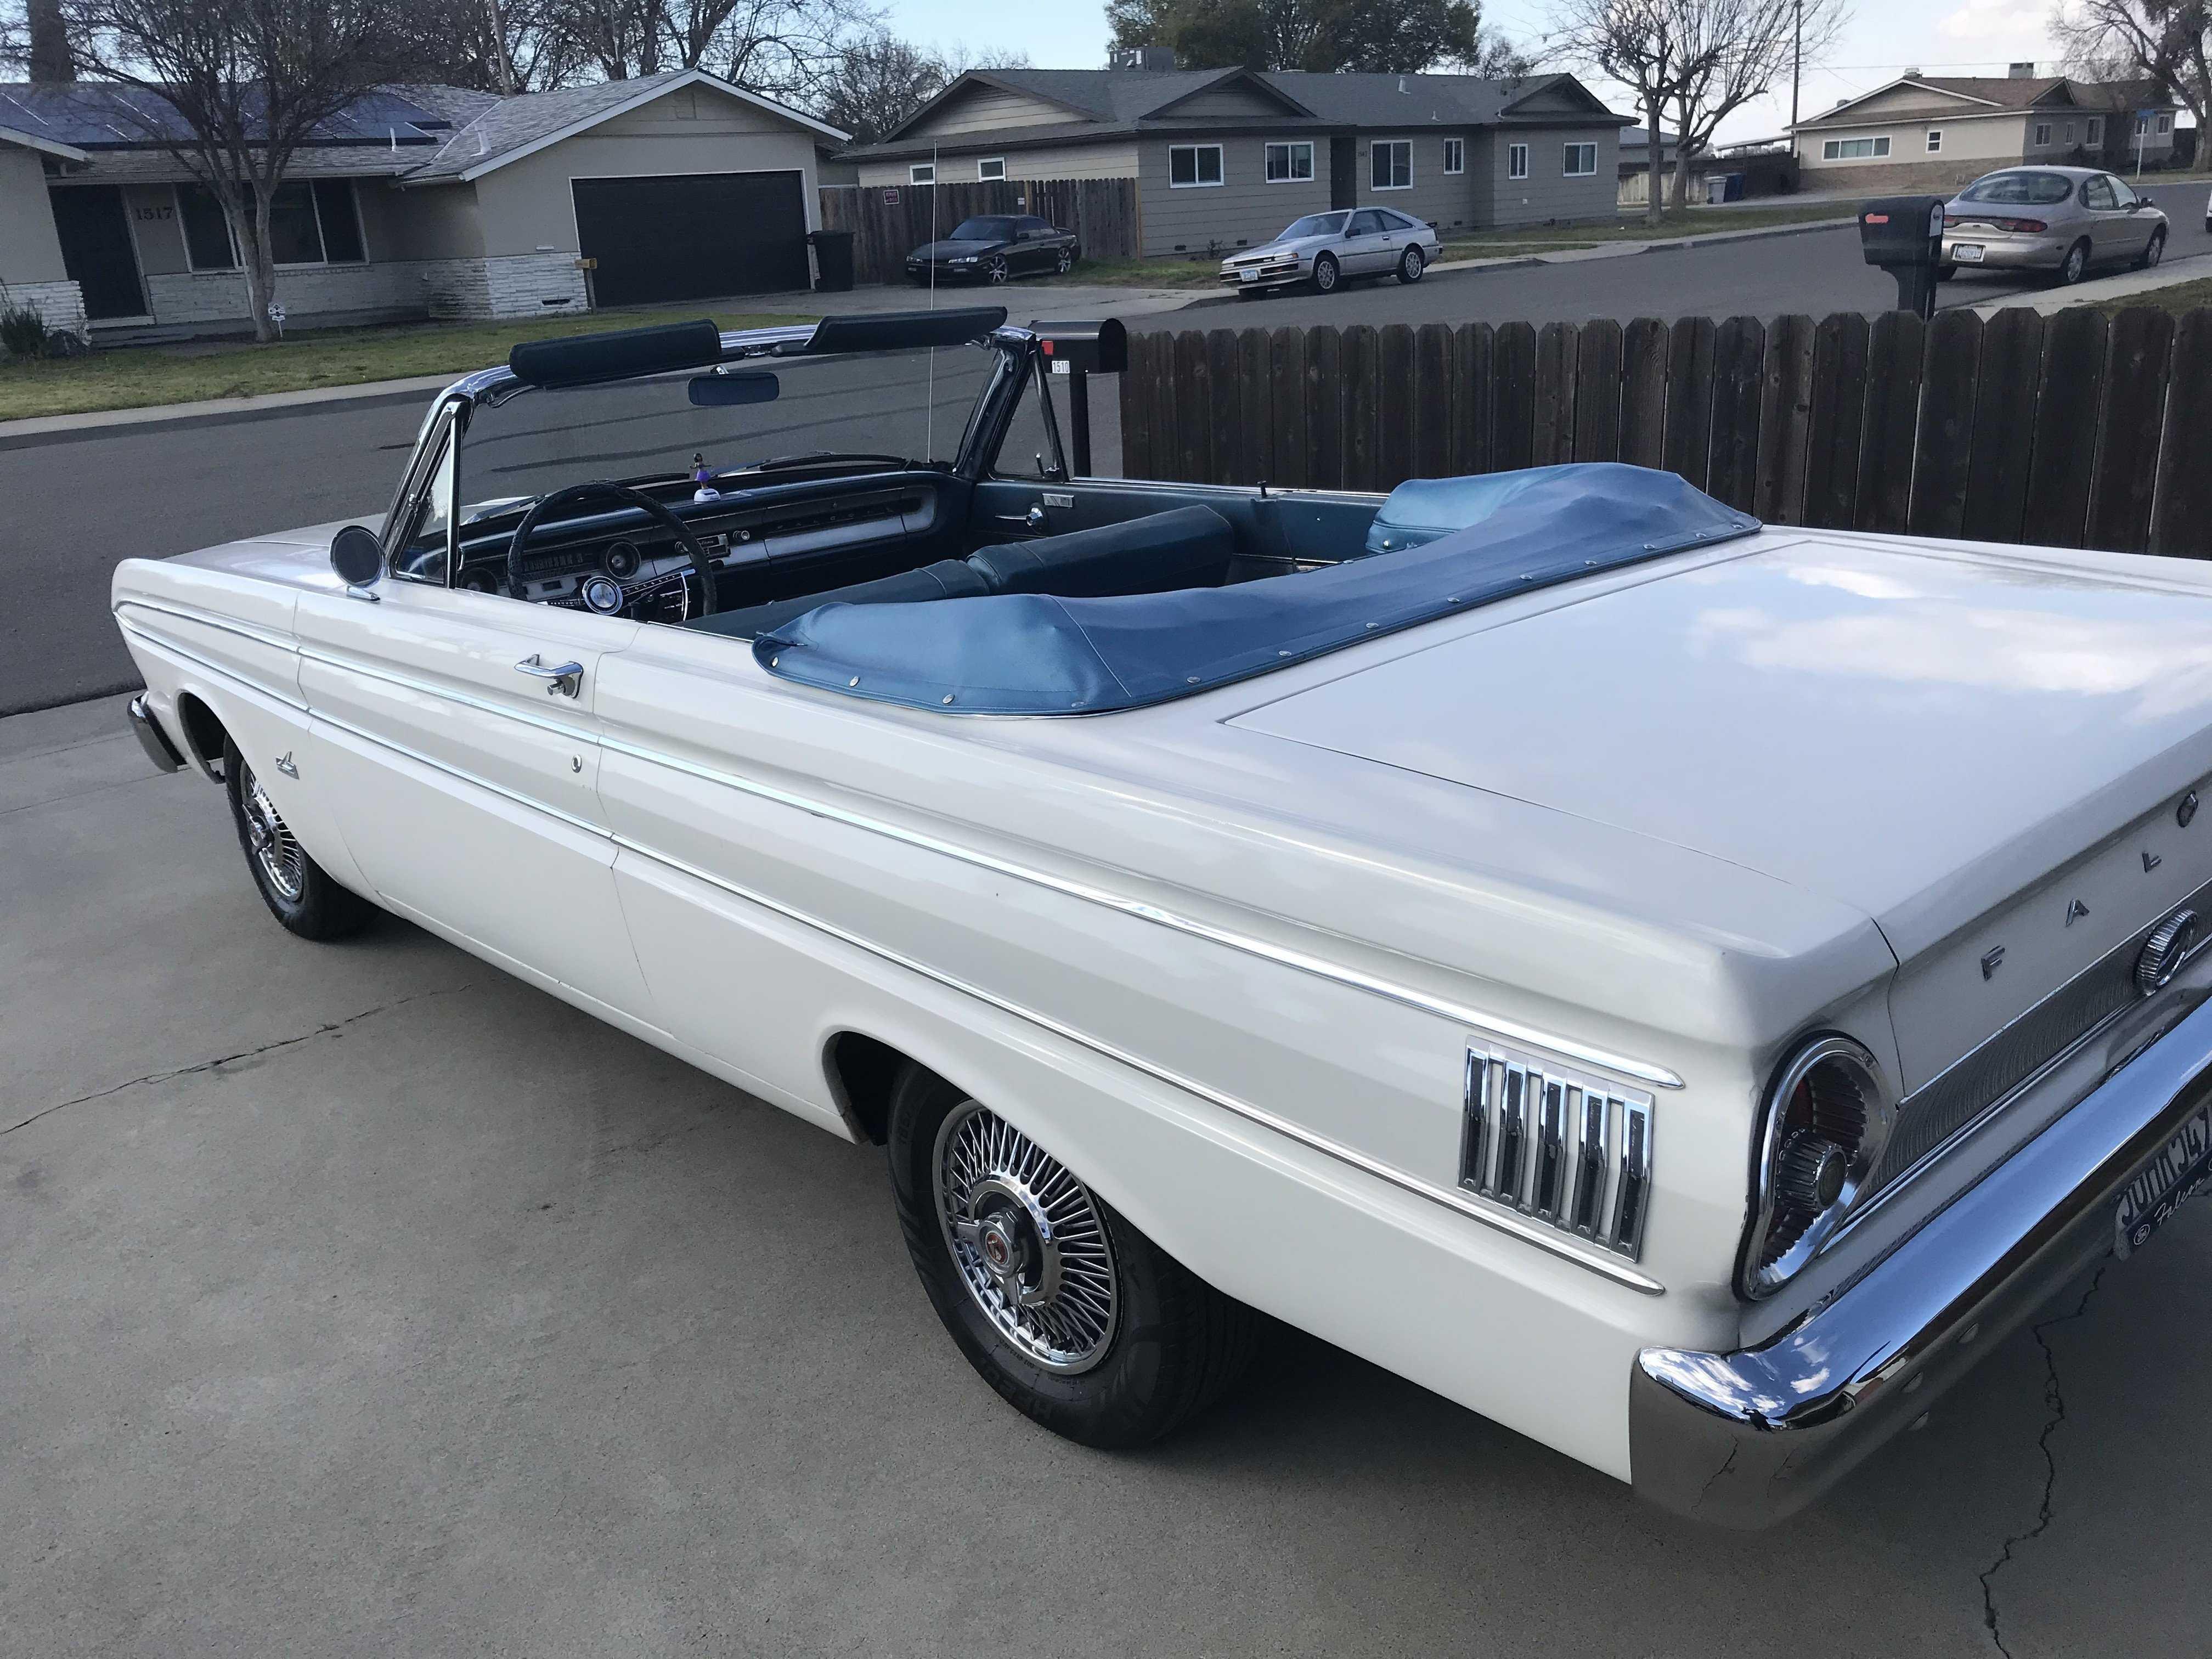 1964 Ford Falcon For Sale In Lemoore Ca Futura